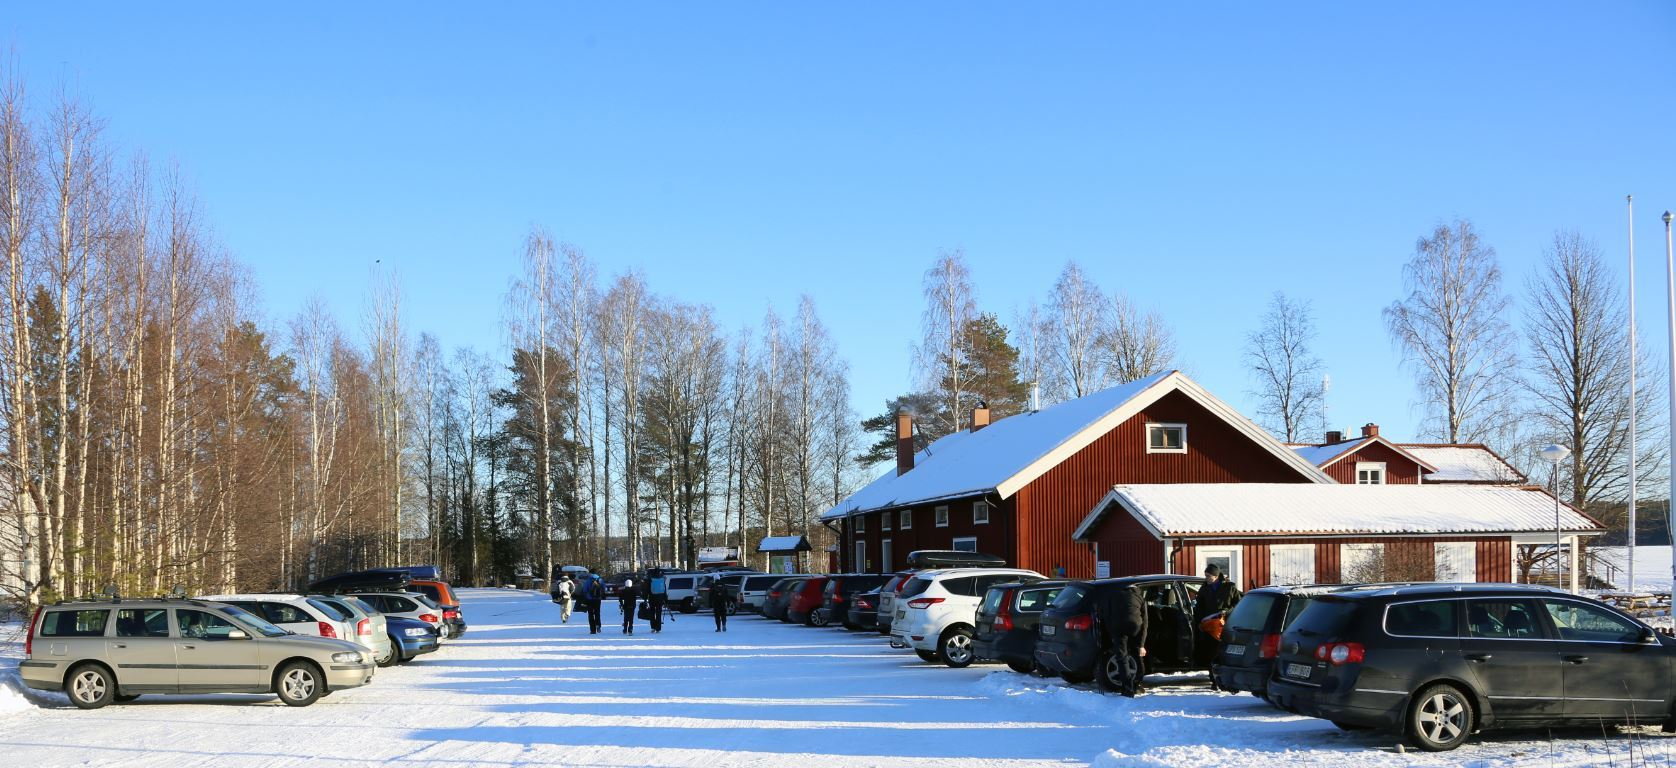 Mårten Edberg, Winter café at Sundlingska Gården